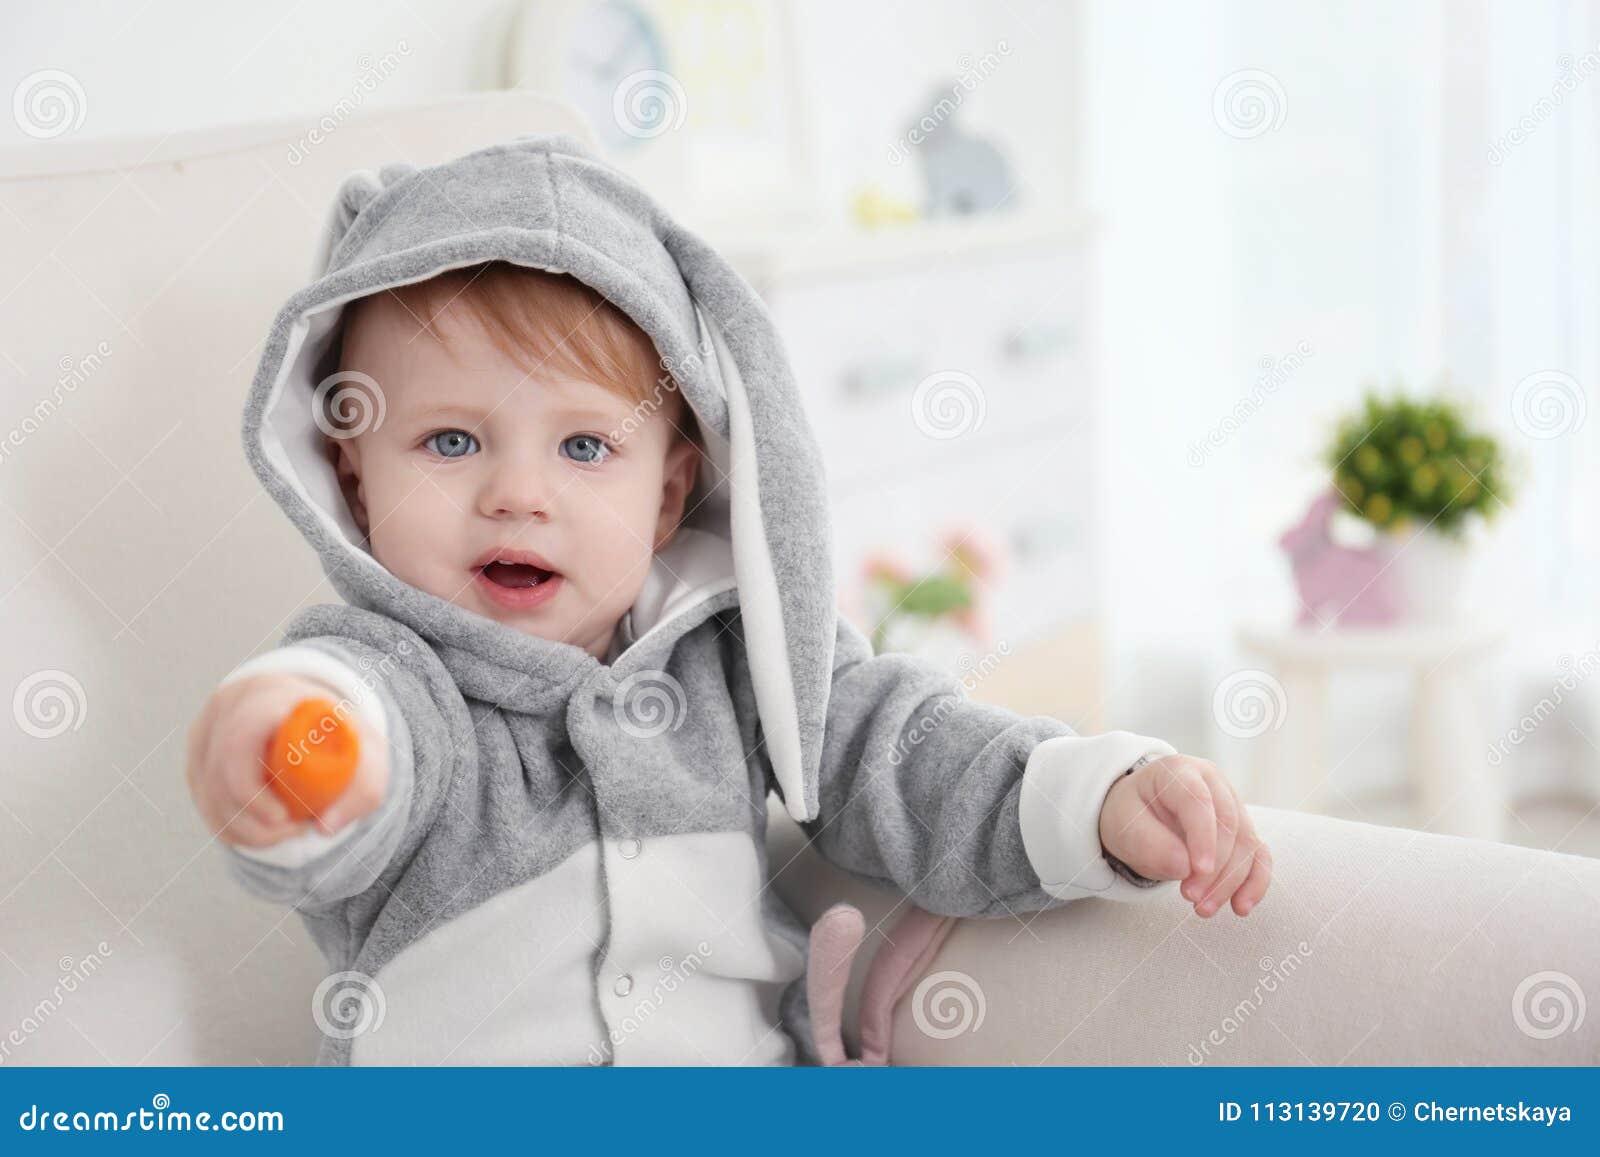 兔宝宝服装的逗人喜爱的矮小的婴孩用红萝卜